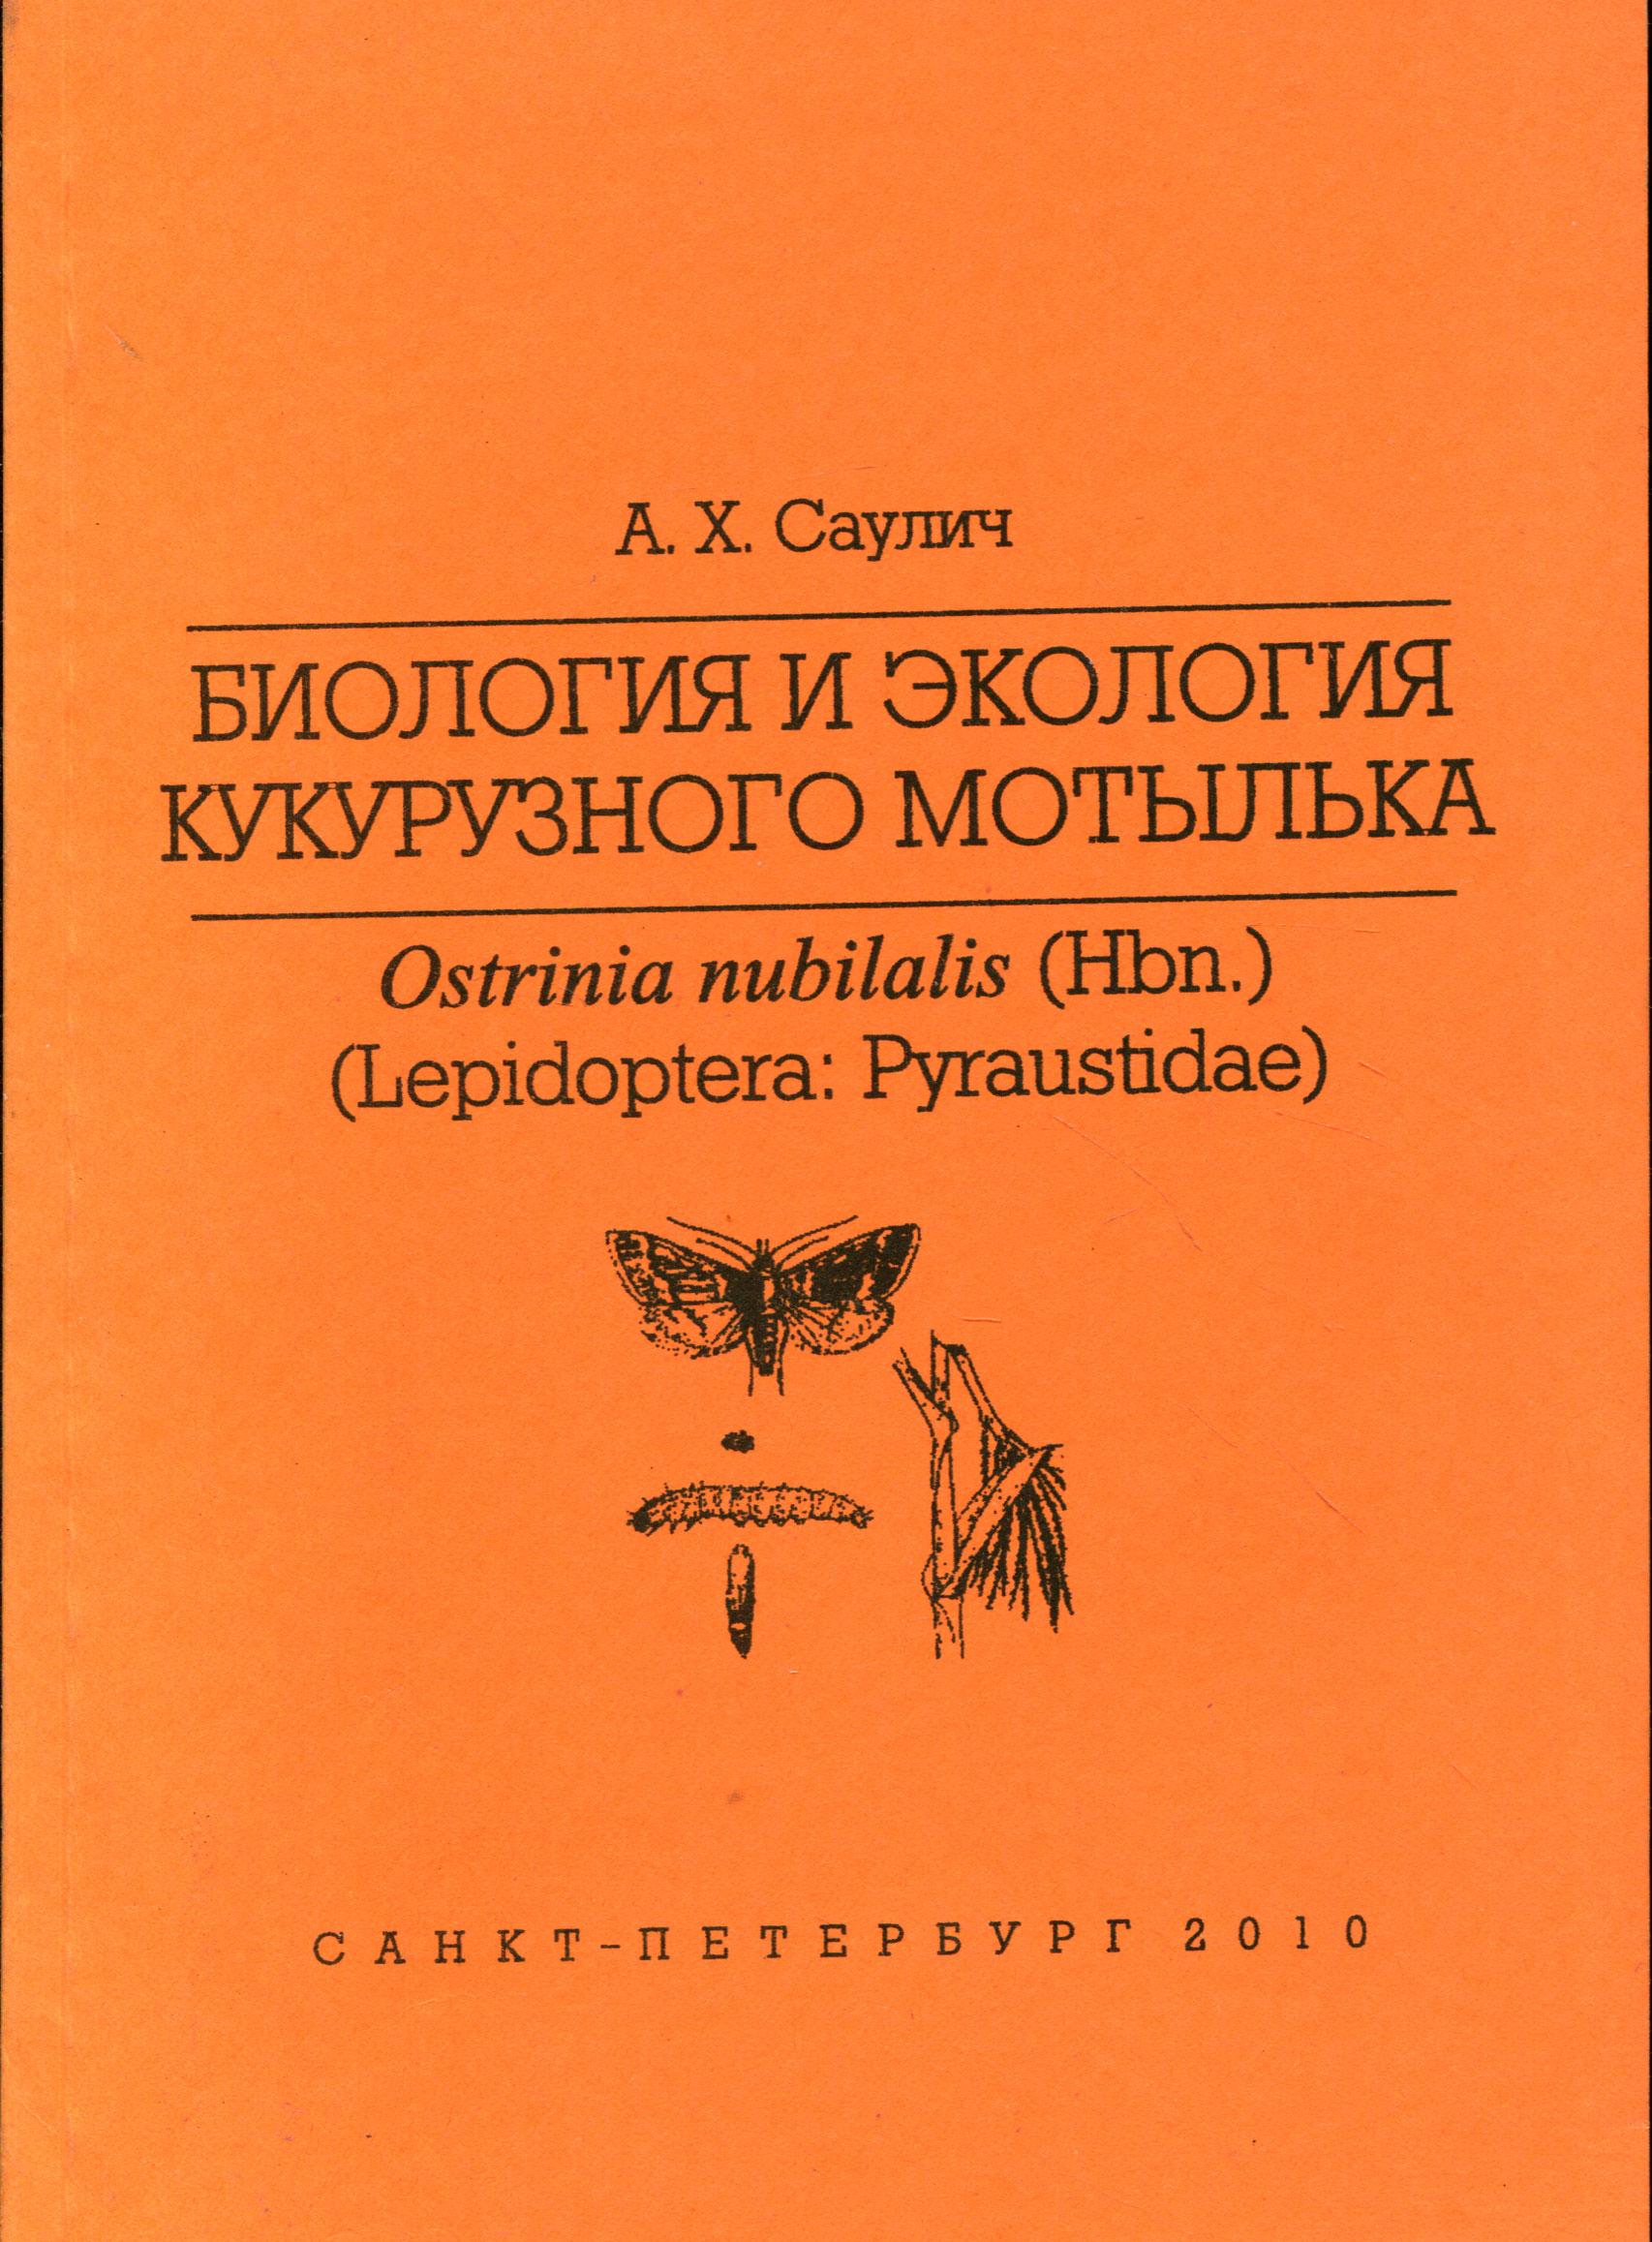 Биология и экология кукурузного мотылька Ostrinia nubilalis. Учебно-методическое пособие